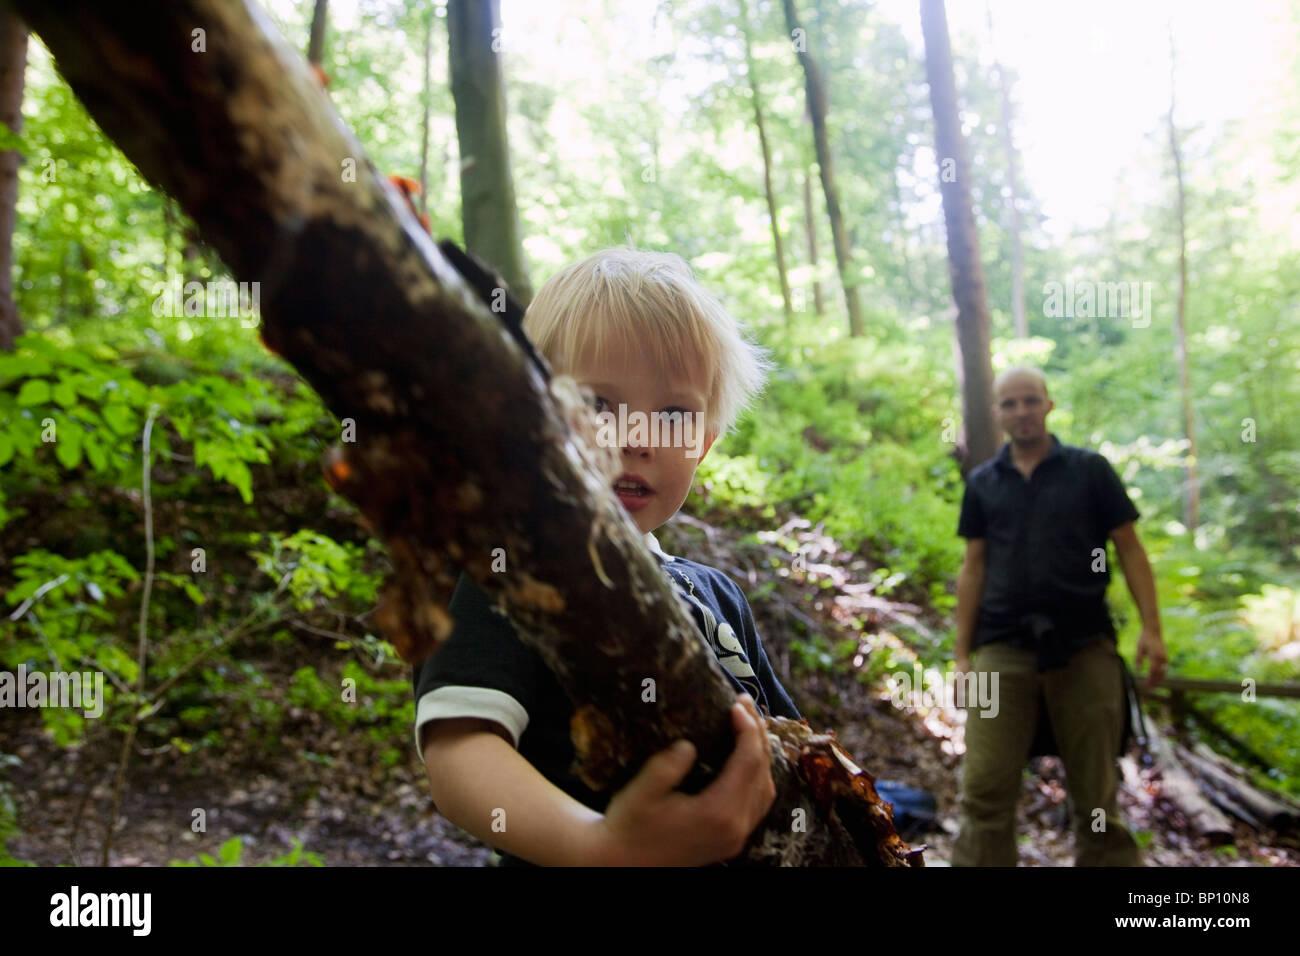 Garçon transportant un membre dans une forêt Photo Stock